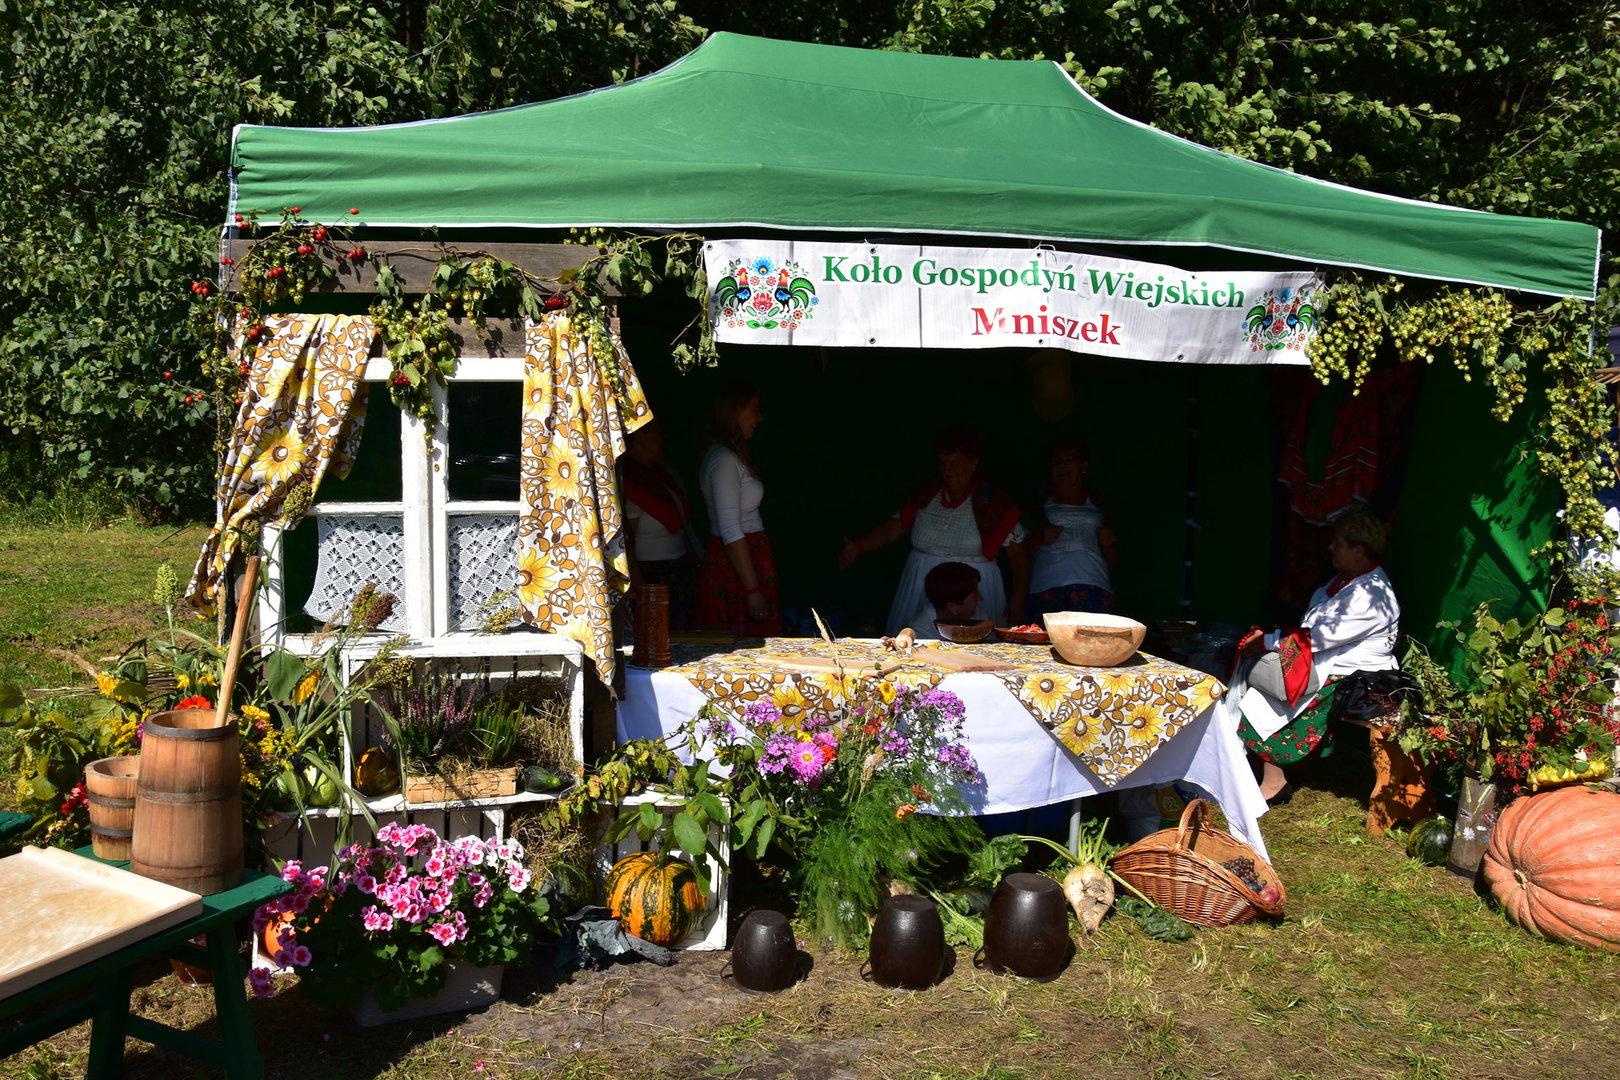 namiot wystawowy KGW Mniszek